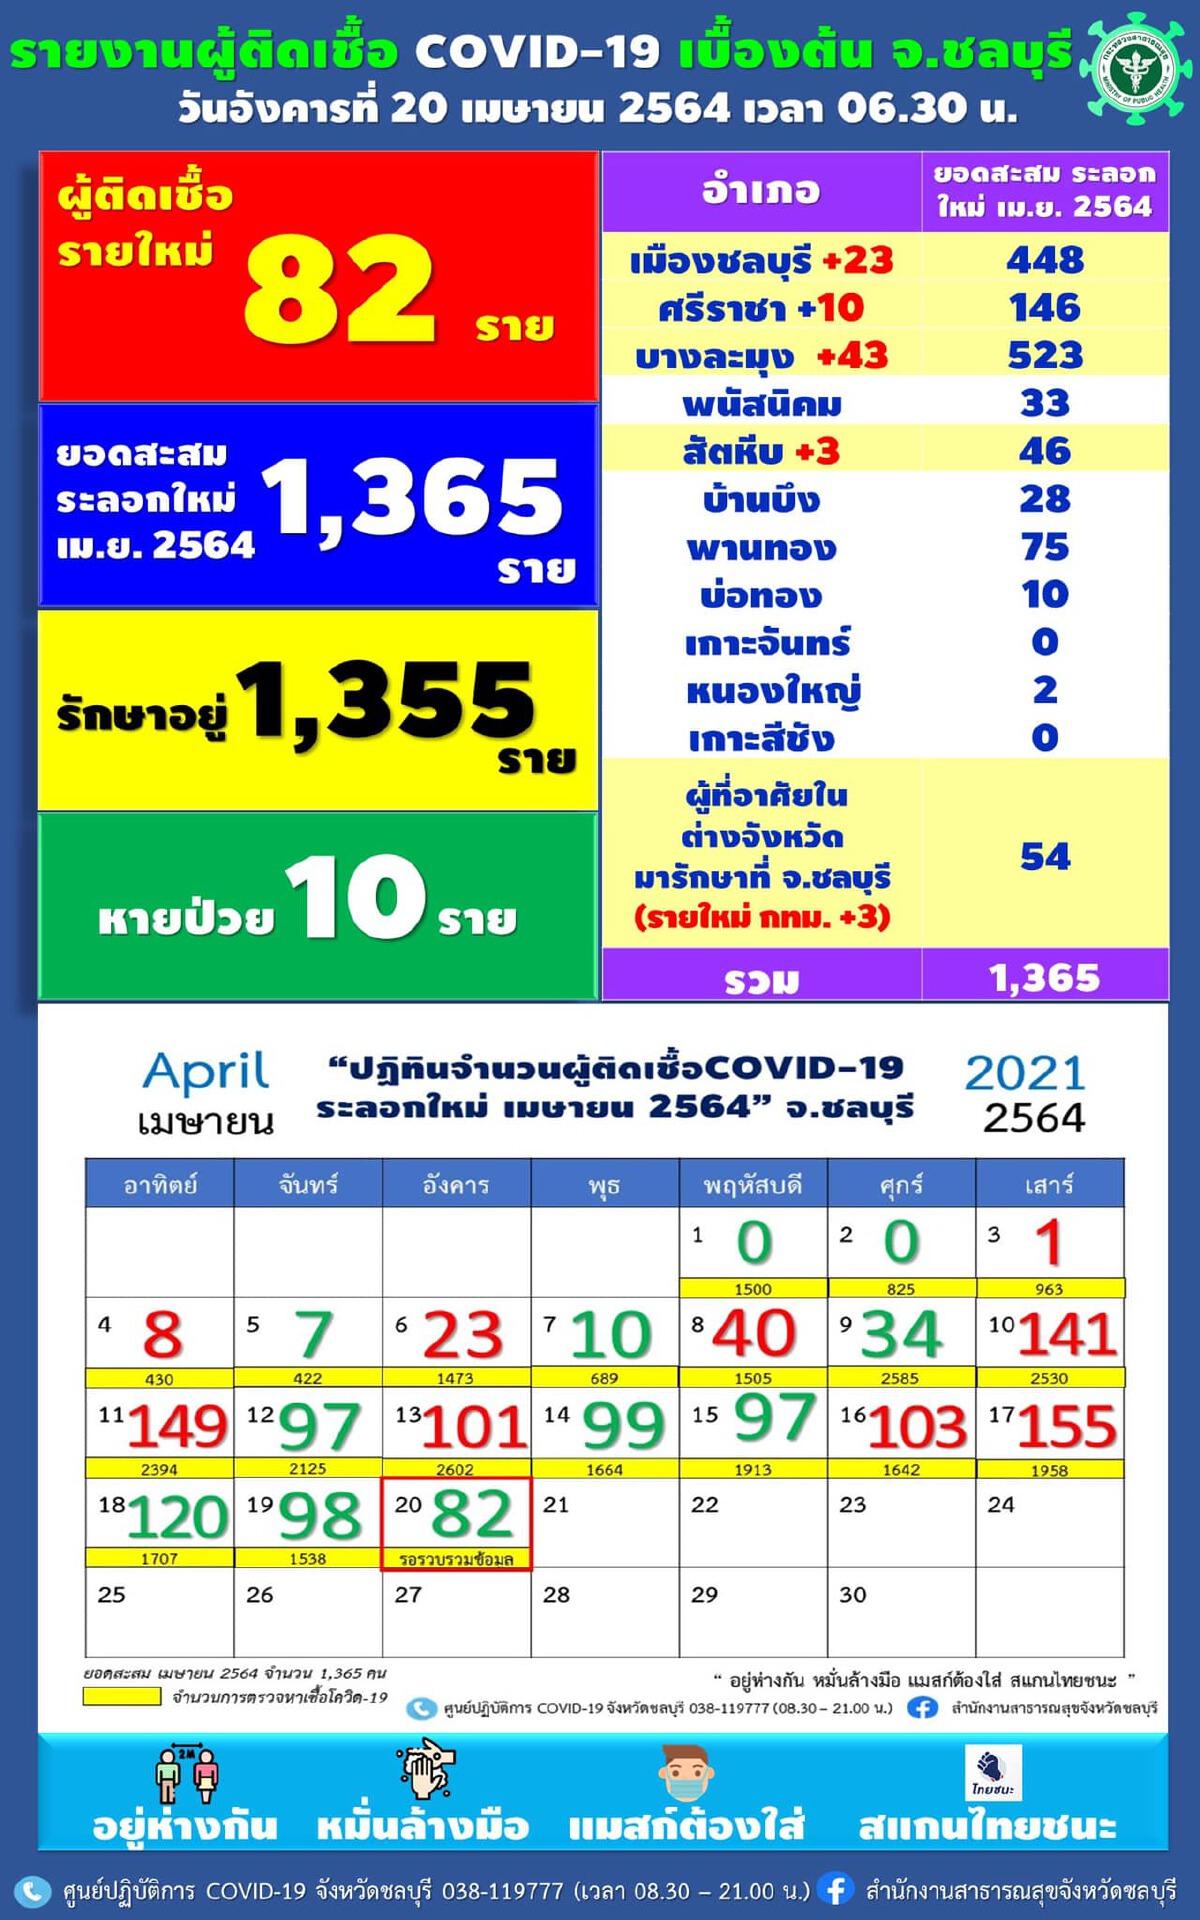 ชลบุรีอ่วมต่อเนื่อง ป่วยโควิดเพิ่ม 82 ราย โยงคลัสเตอร์สถานบันเทิง